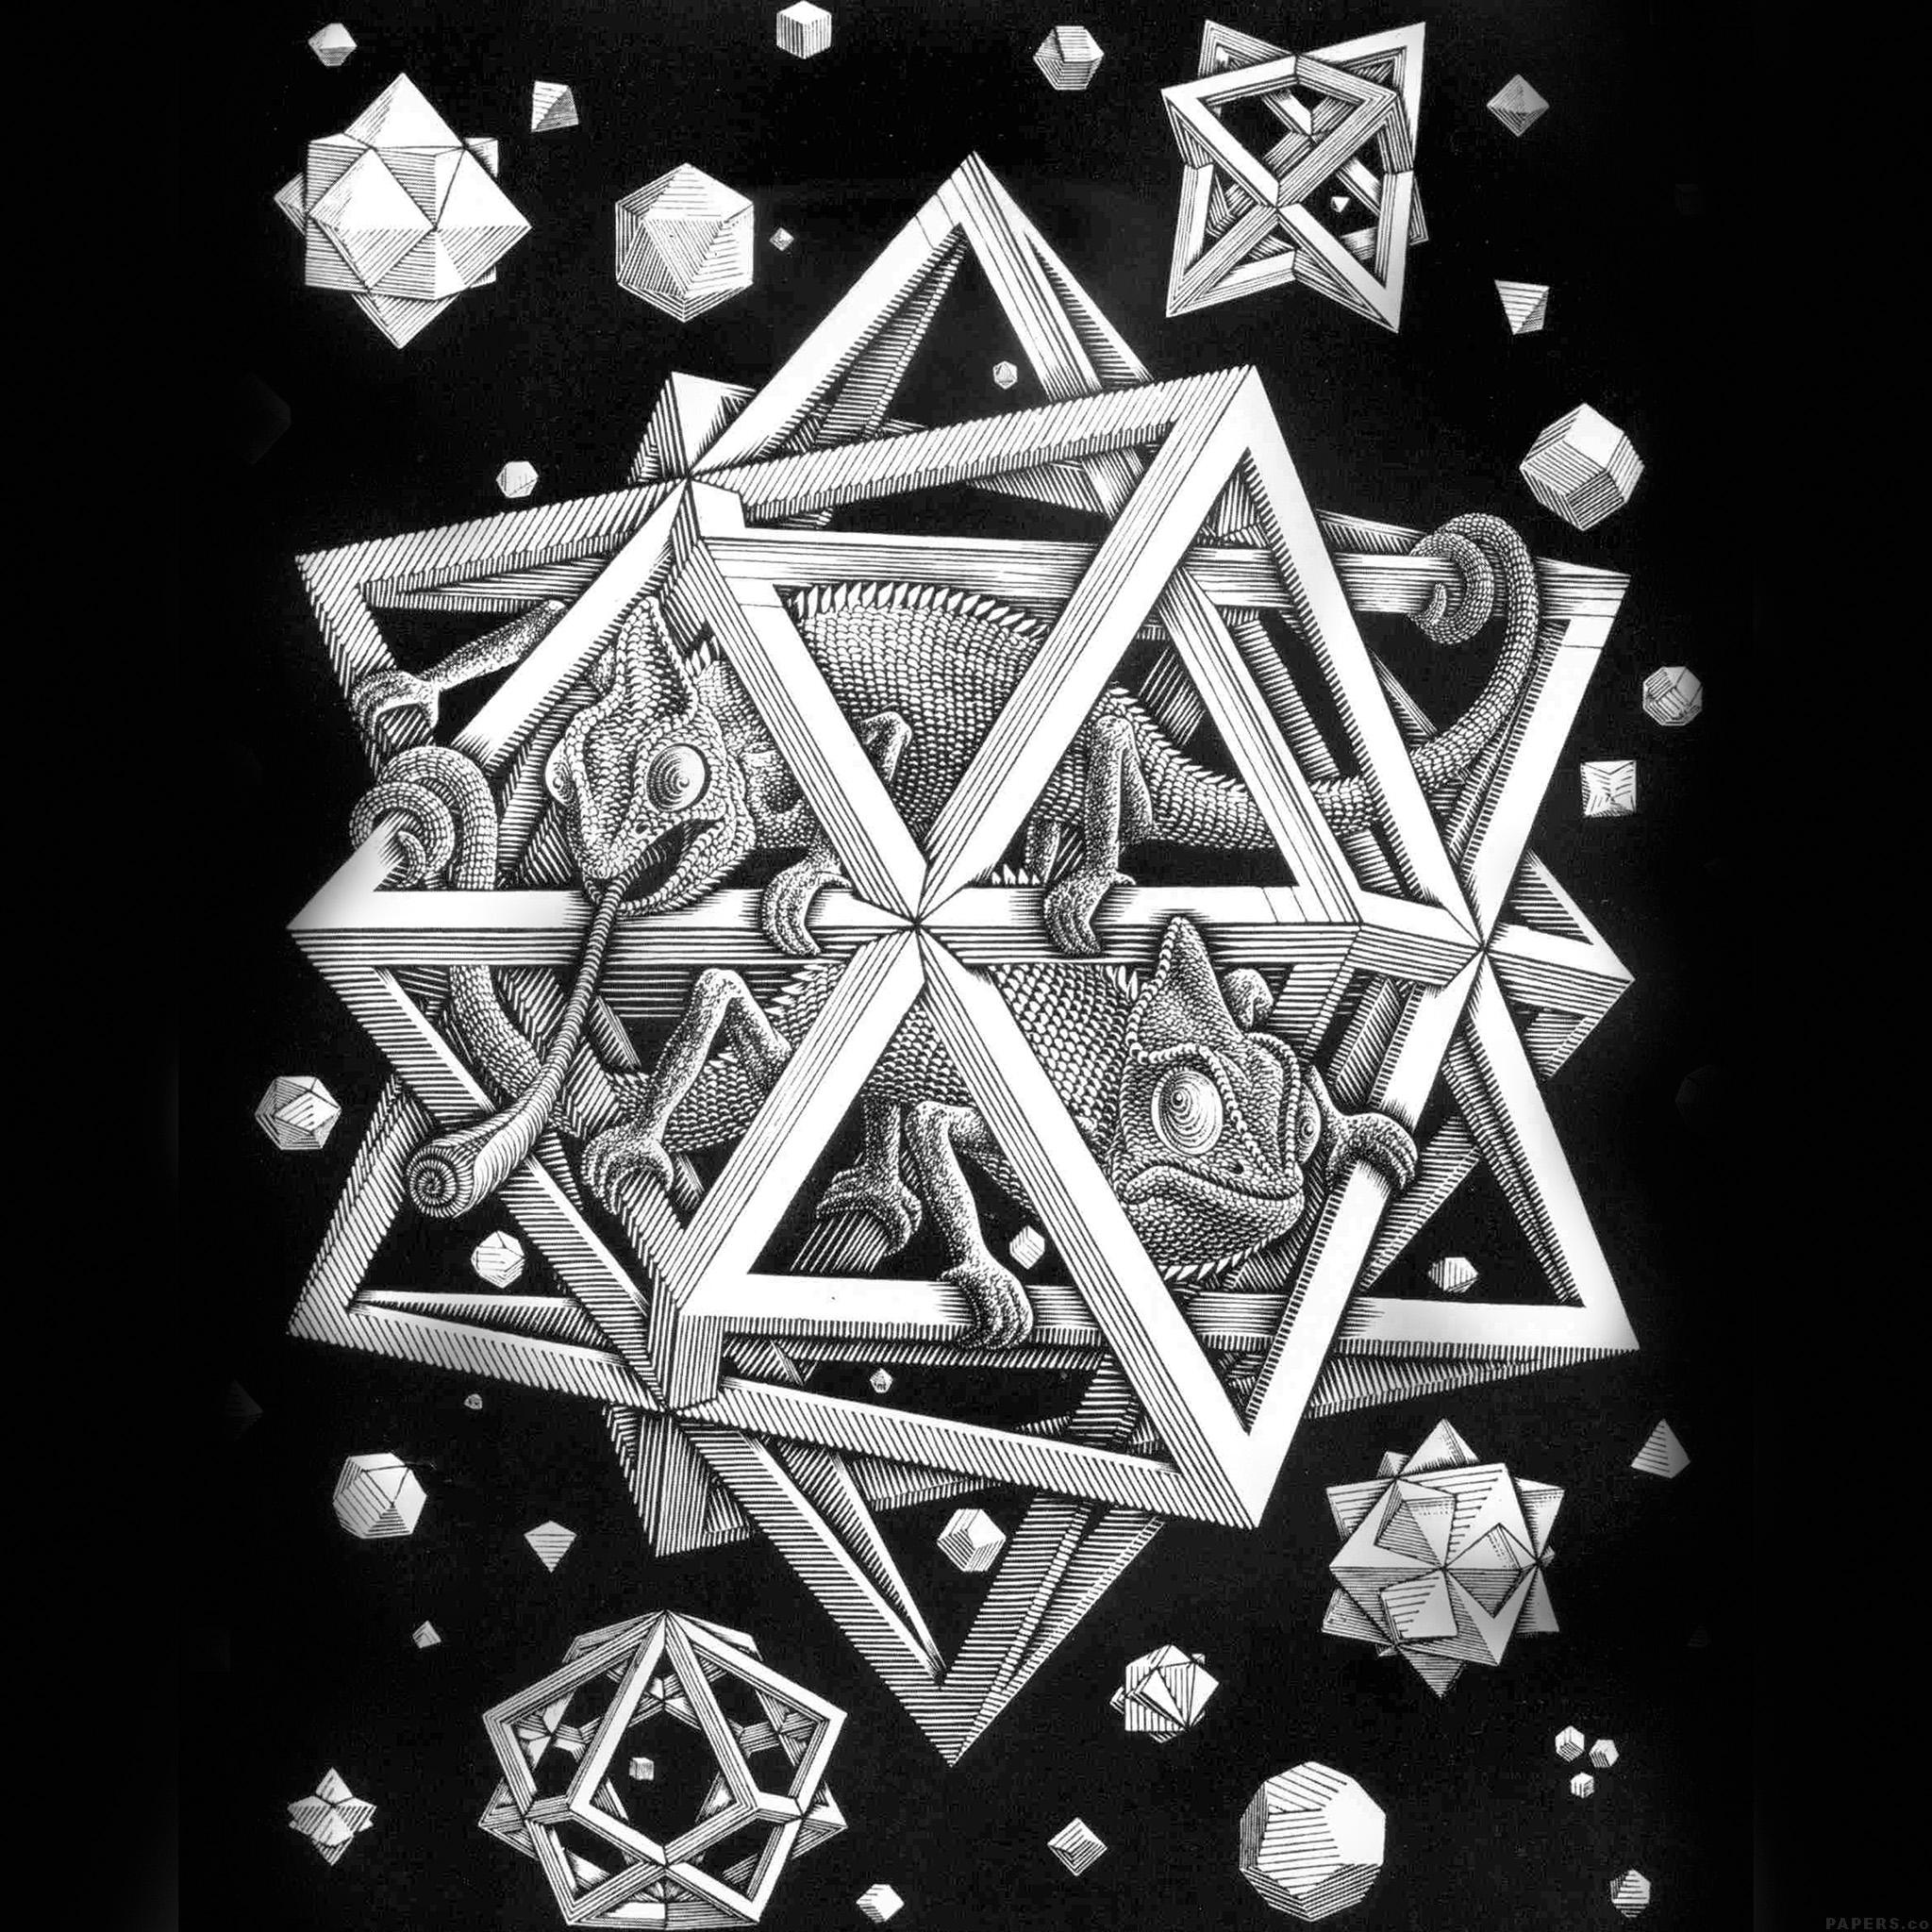 Optical Illusion Wallpaper Hd Ah71 Mc Escher Space Art Illust Lizard Bw Papers Co